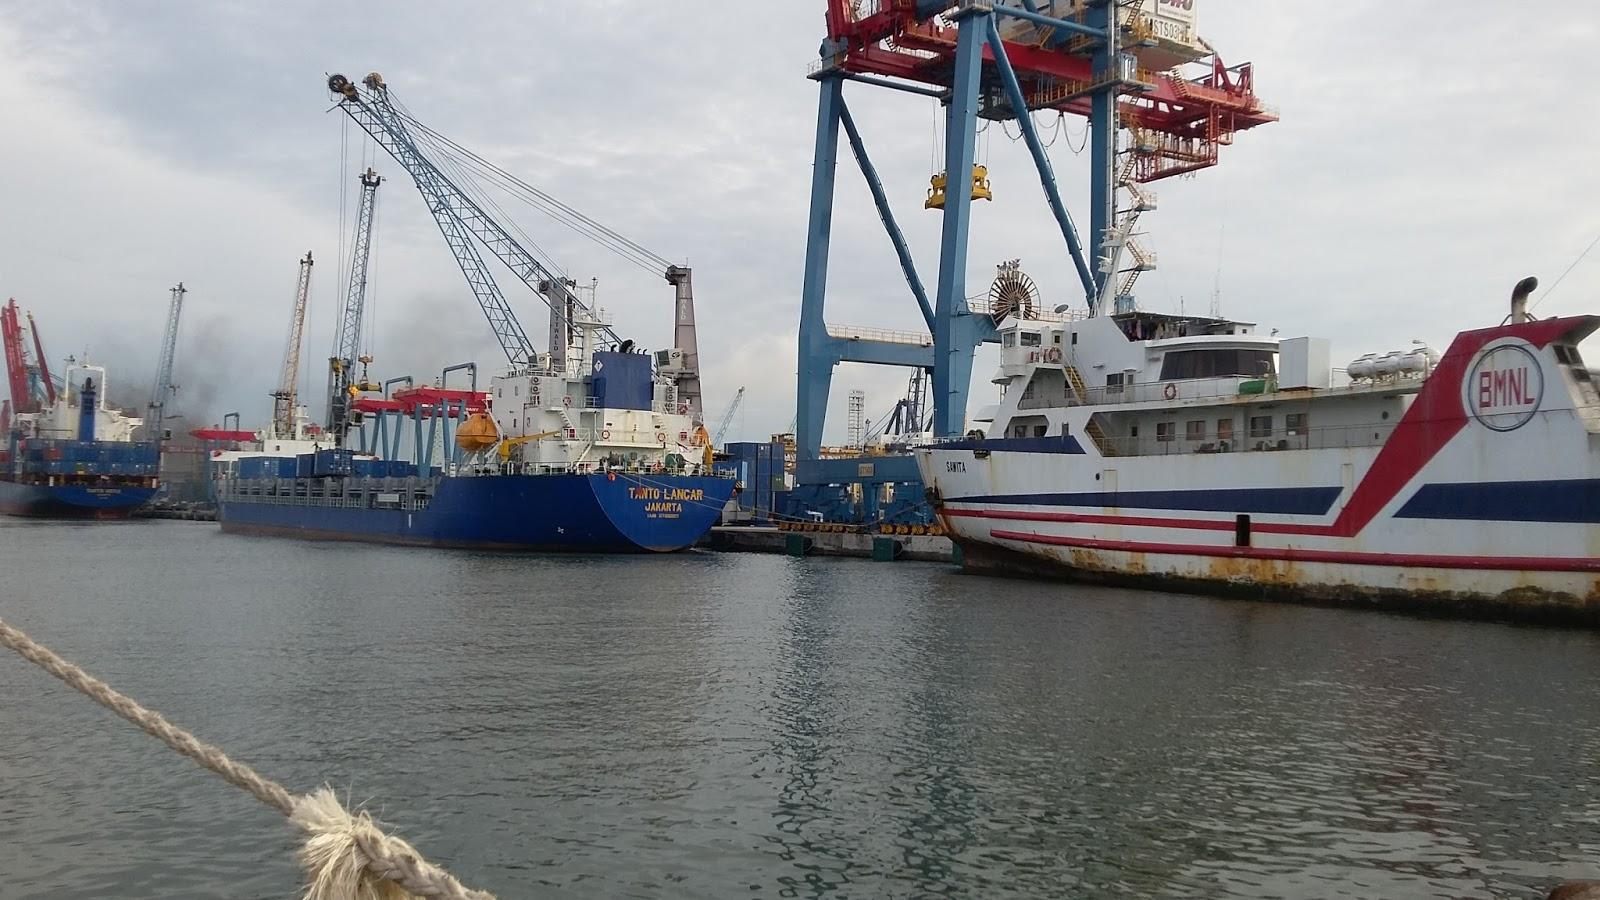 kesibukan kapal di pelabuhan tanjung priok jakarta utara dalam rh emaritim com sma tanjung priok jakarta utara kecamatan tanjung priok jakarta utara